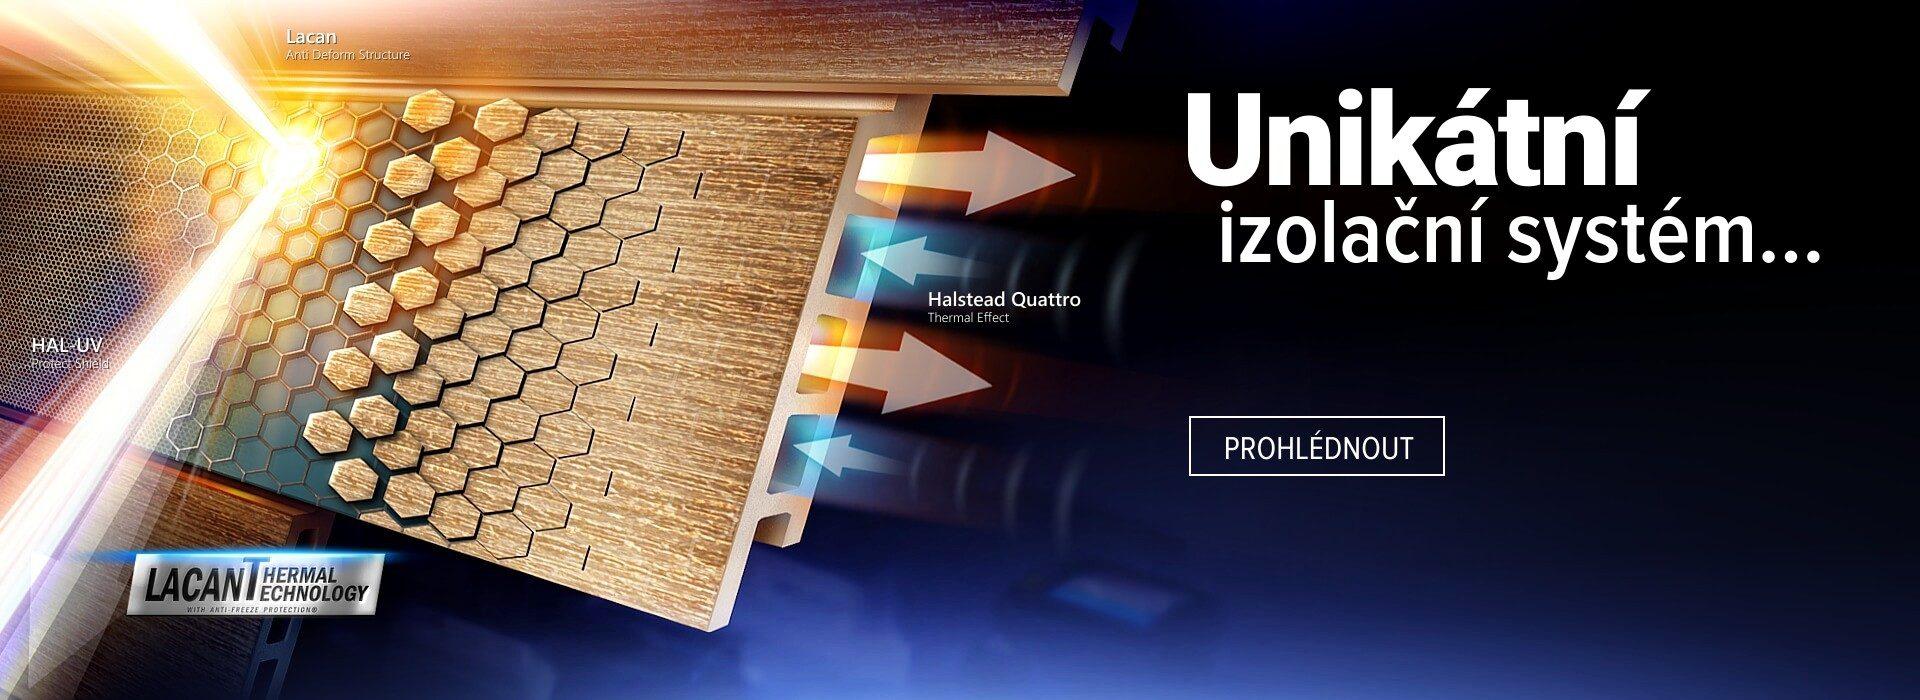 Lacan unikátní systém opláštění -Spa Studio novinka